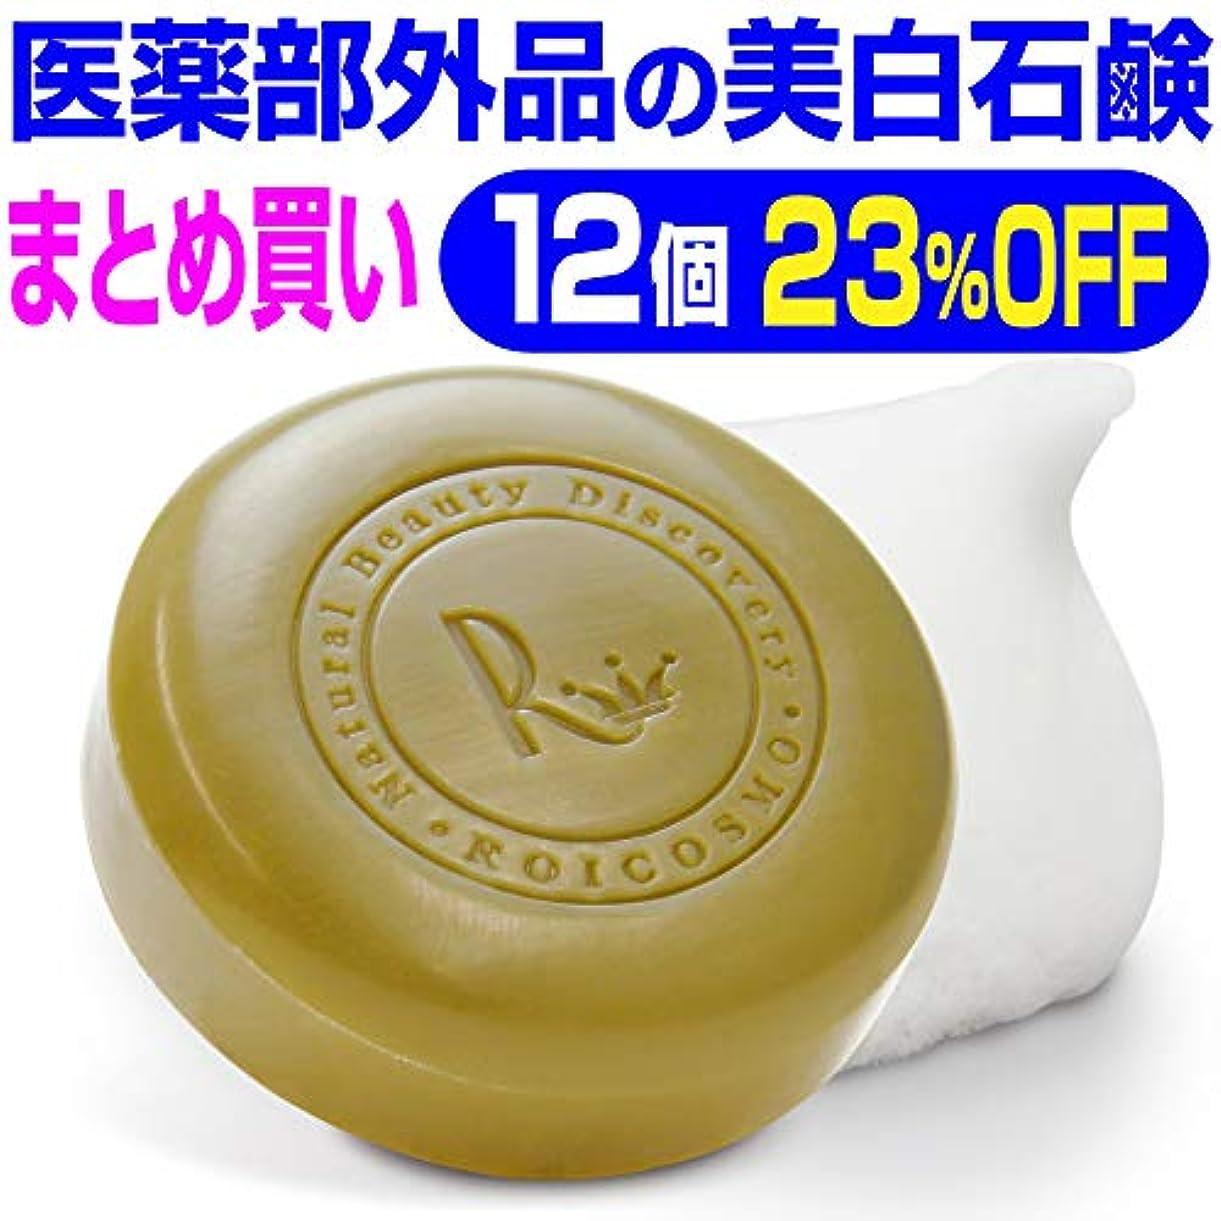 フィドル運ぶ海洋の12個まとめ買い23%OFF 美白石鹸/ビタミンC270倍の美白成分配合の 洗顔石鹸『ホワイトソープ100g×12個』